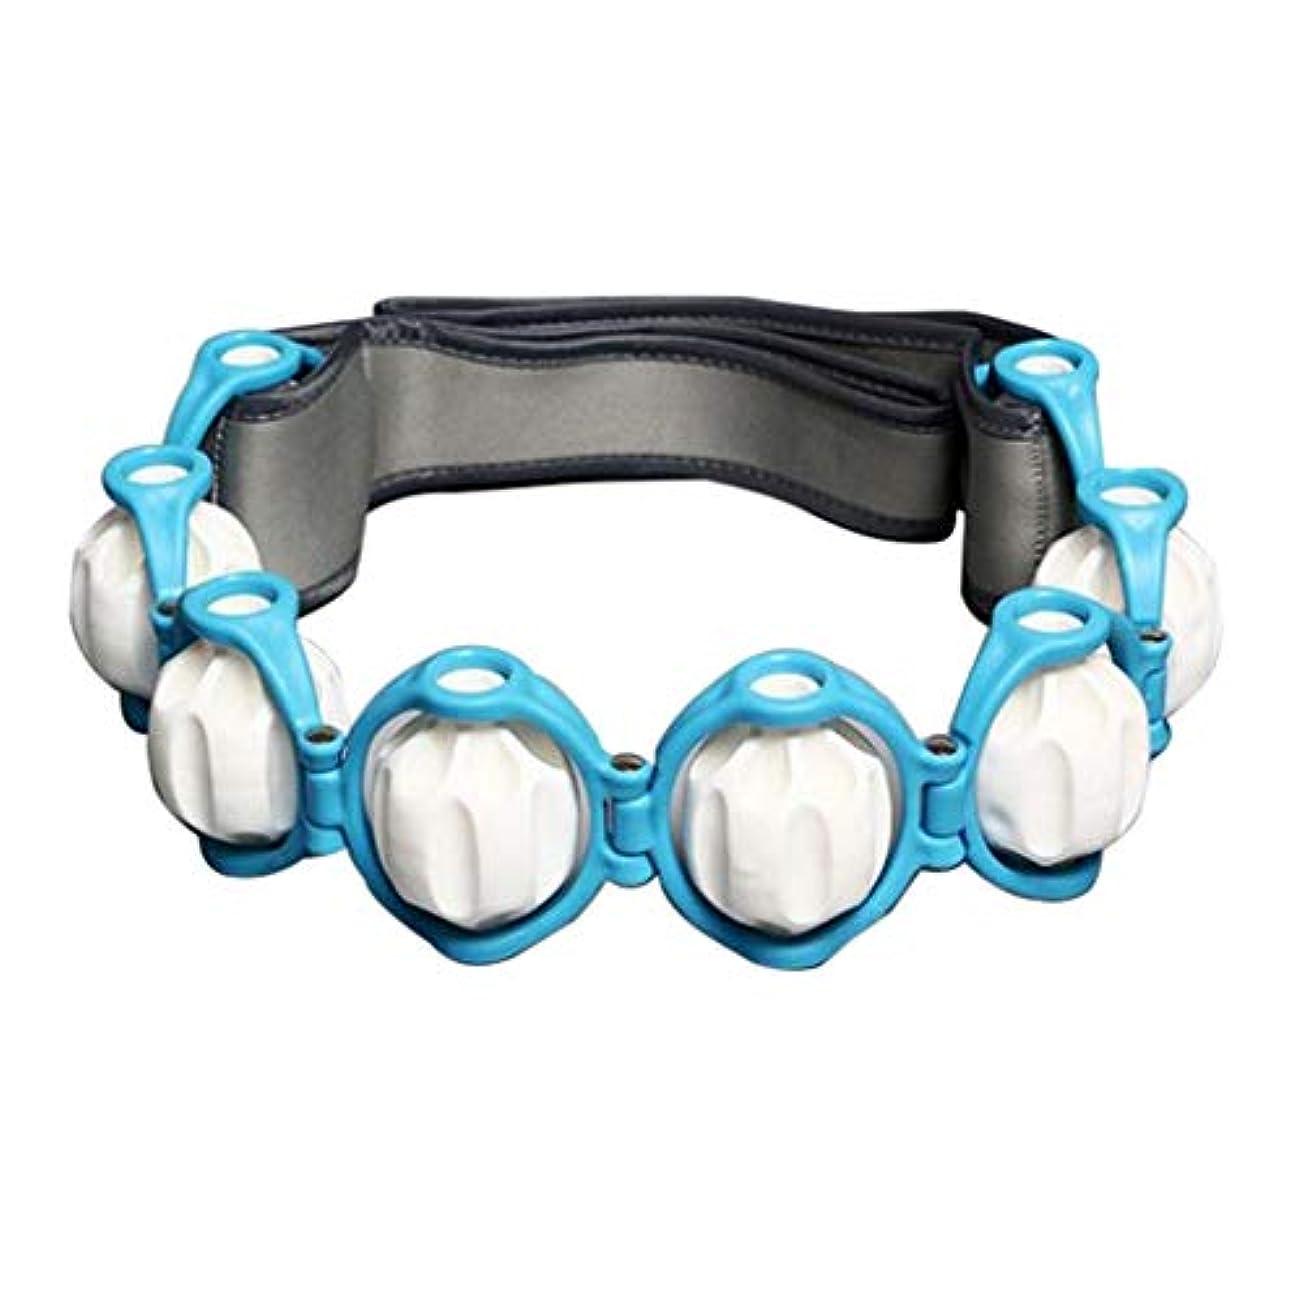 食品め言葉不定Hellery フルボディ - 多機能 - 痛みを軽減するためのハンドヘルドマッサージローラーロープ - 青, 説明したように